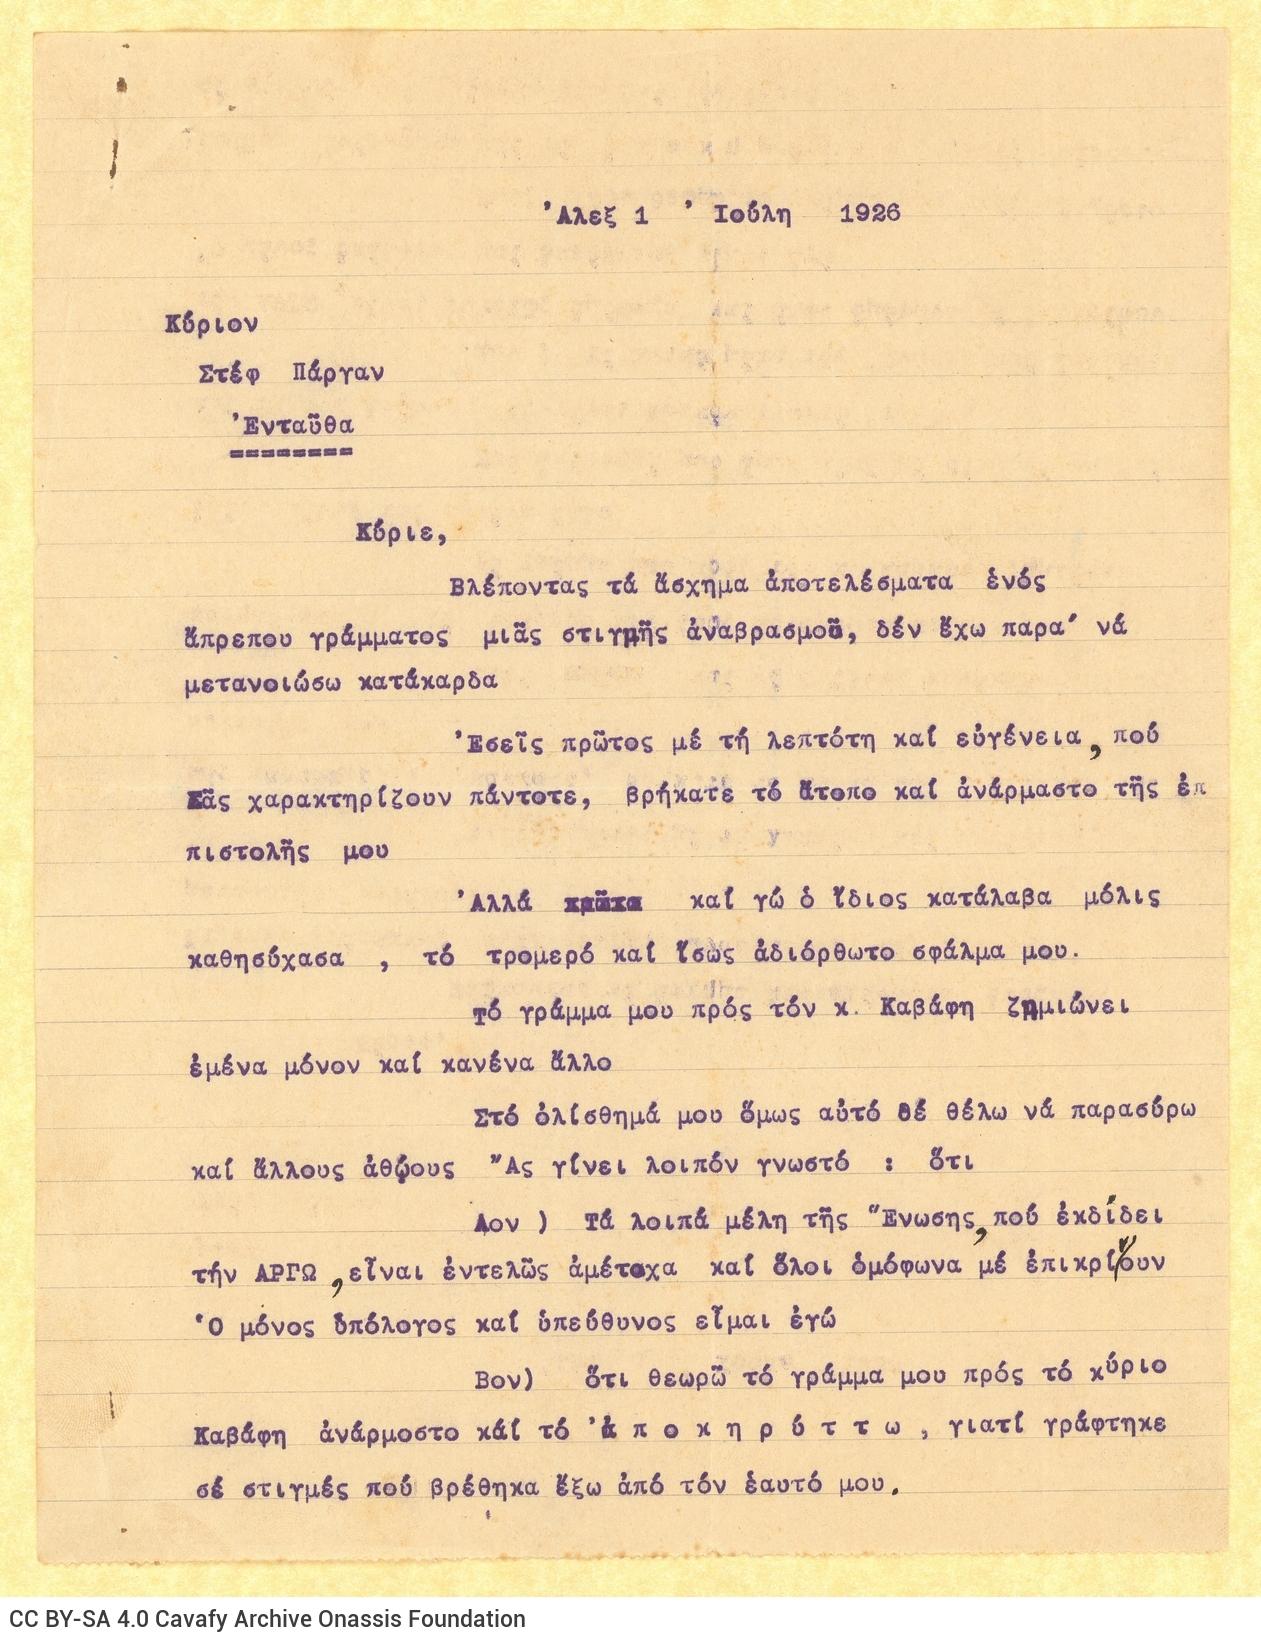 Δακτυλόγραφη επιστολή του Ηλία Γκανούλη προς τον Στέφανο Πάργα (Νί